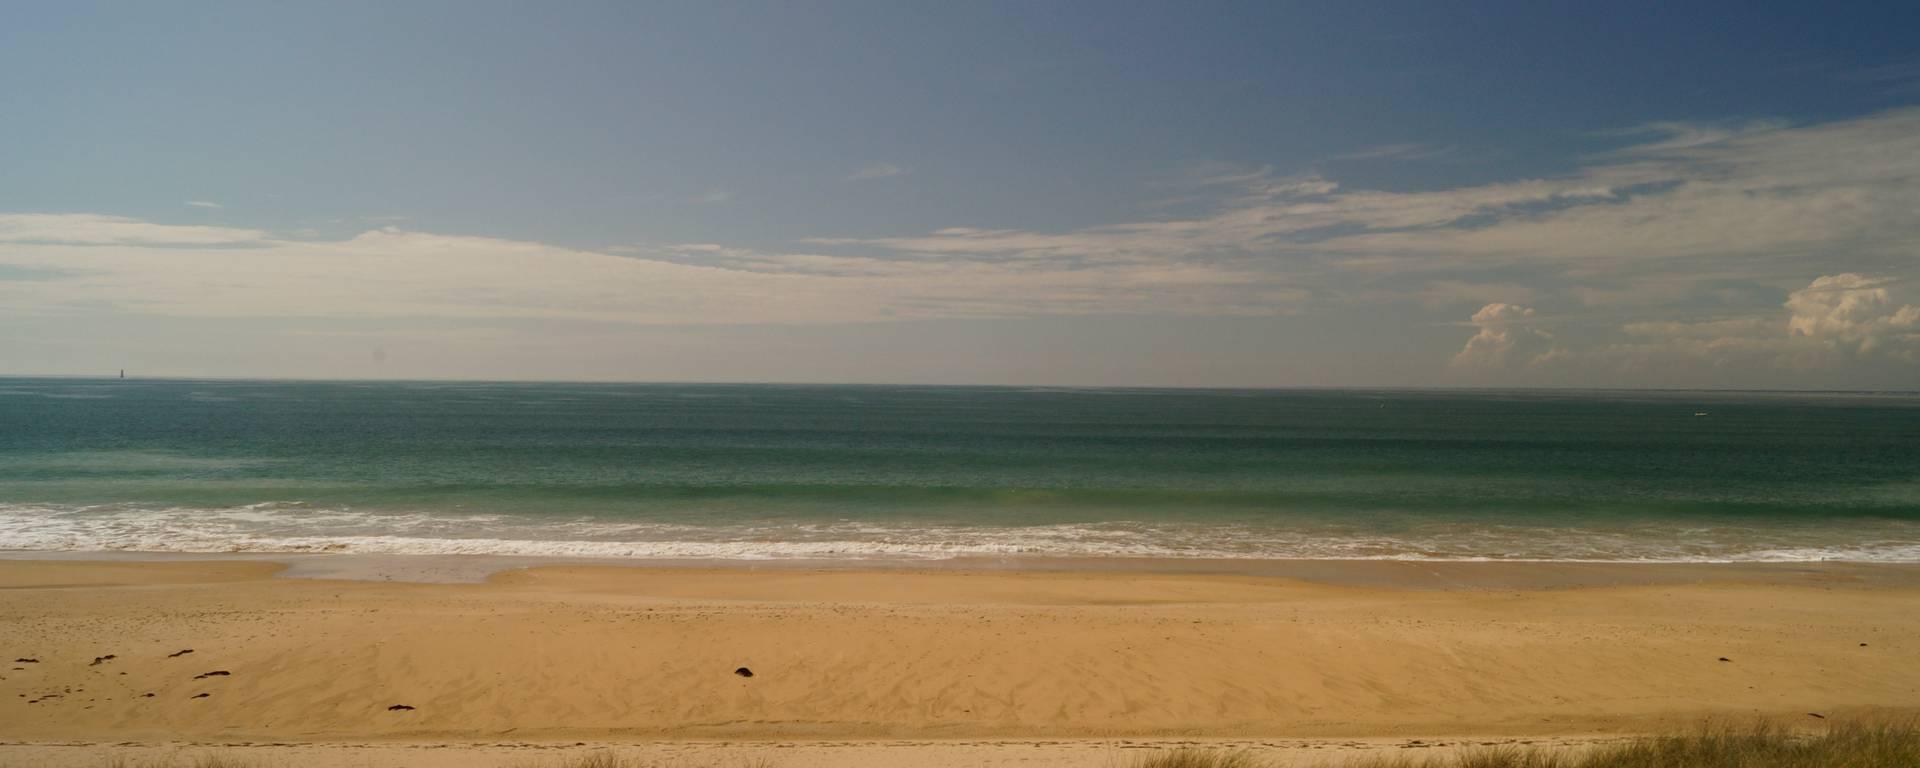 La plage et la mer bleue par Pierre Galine